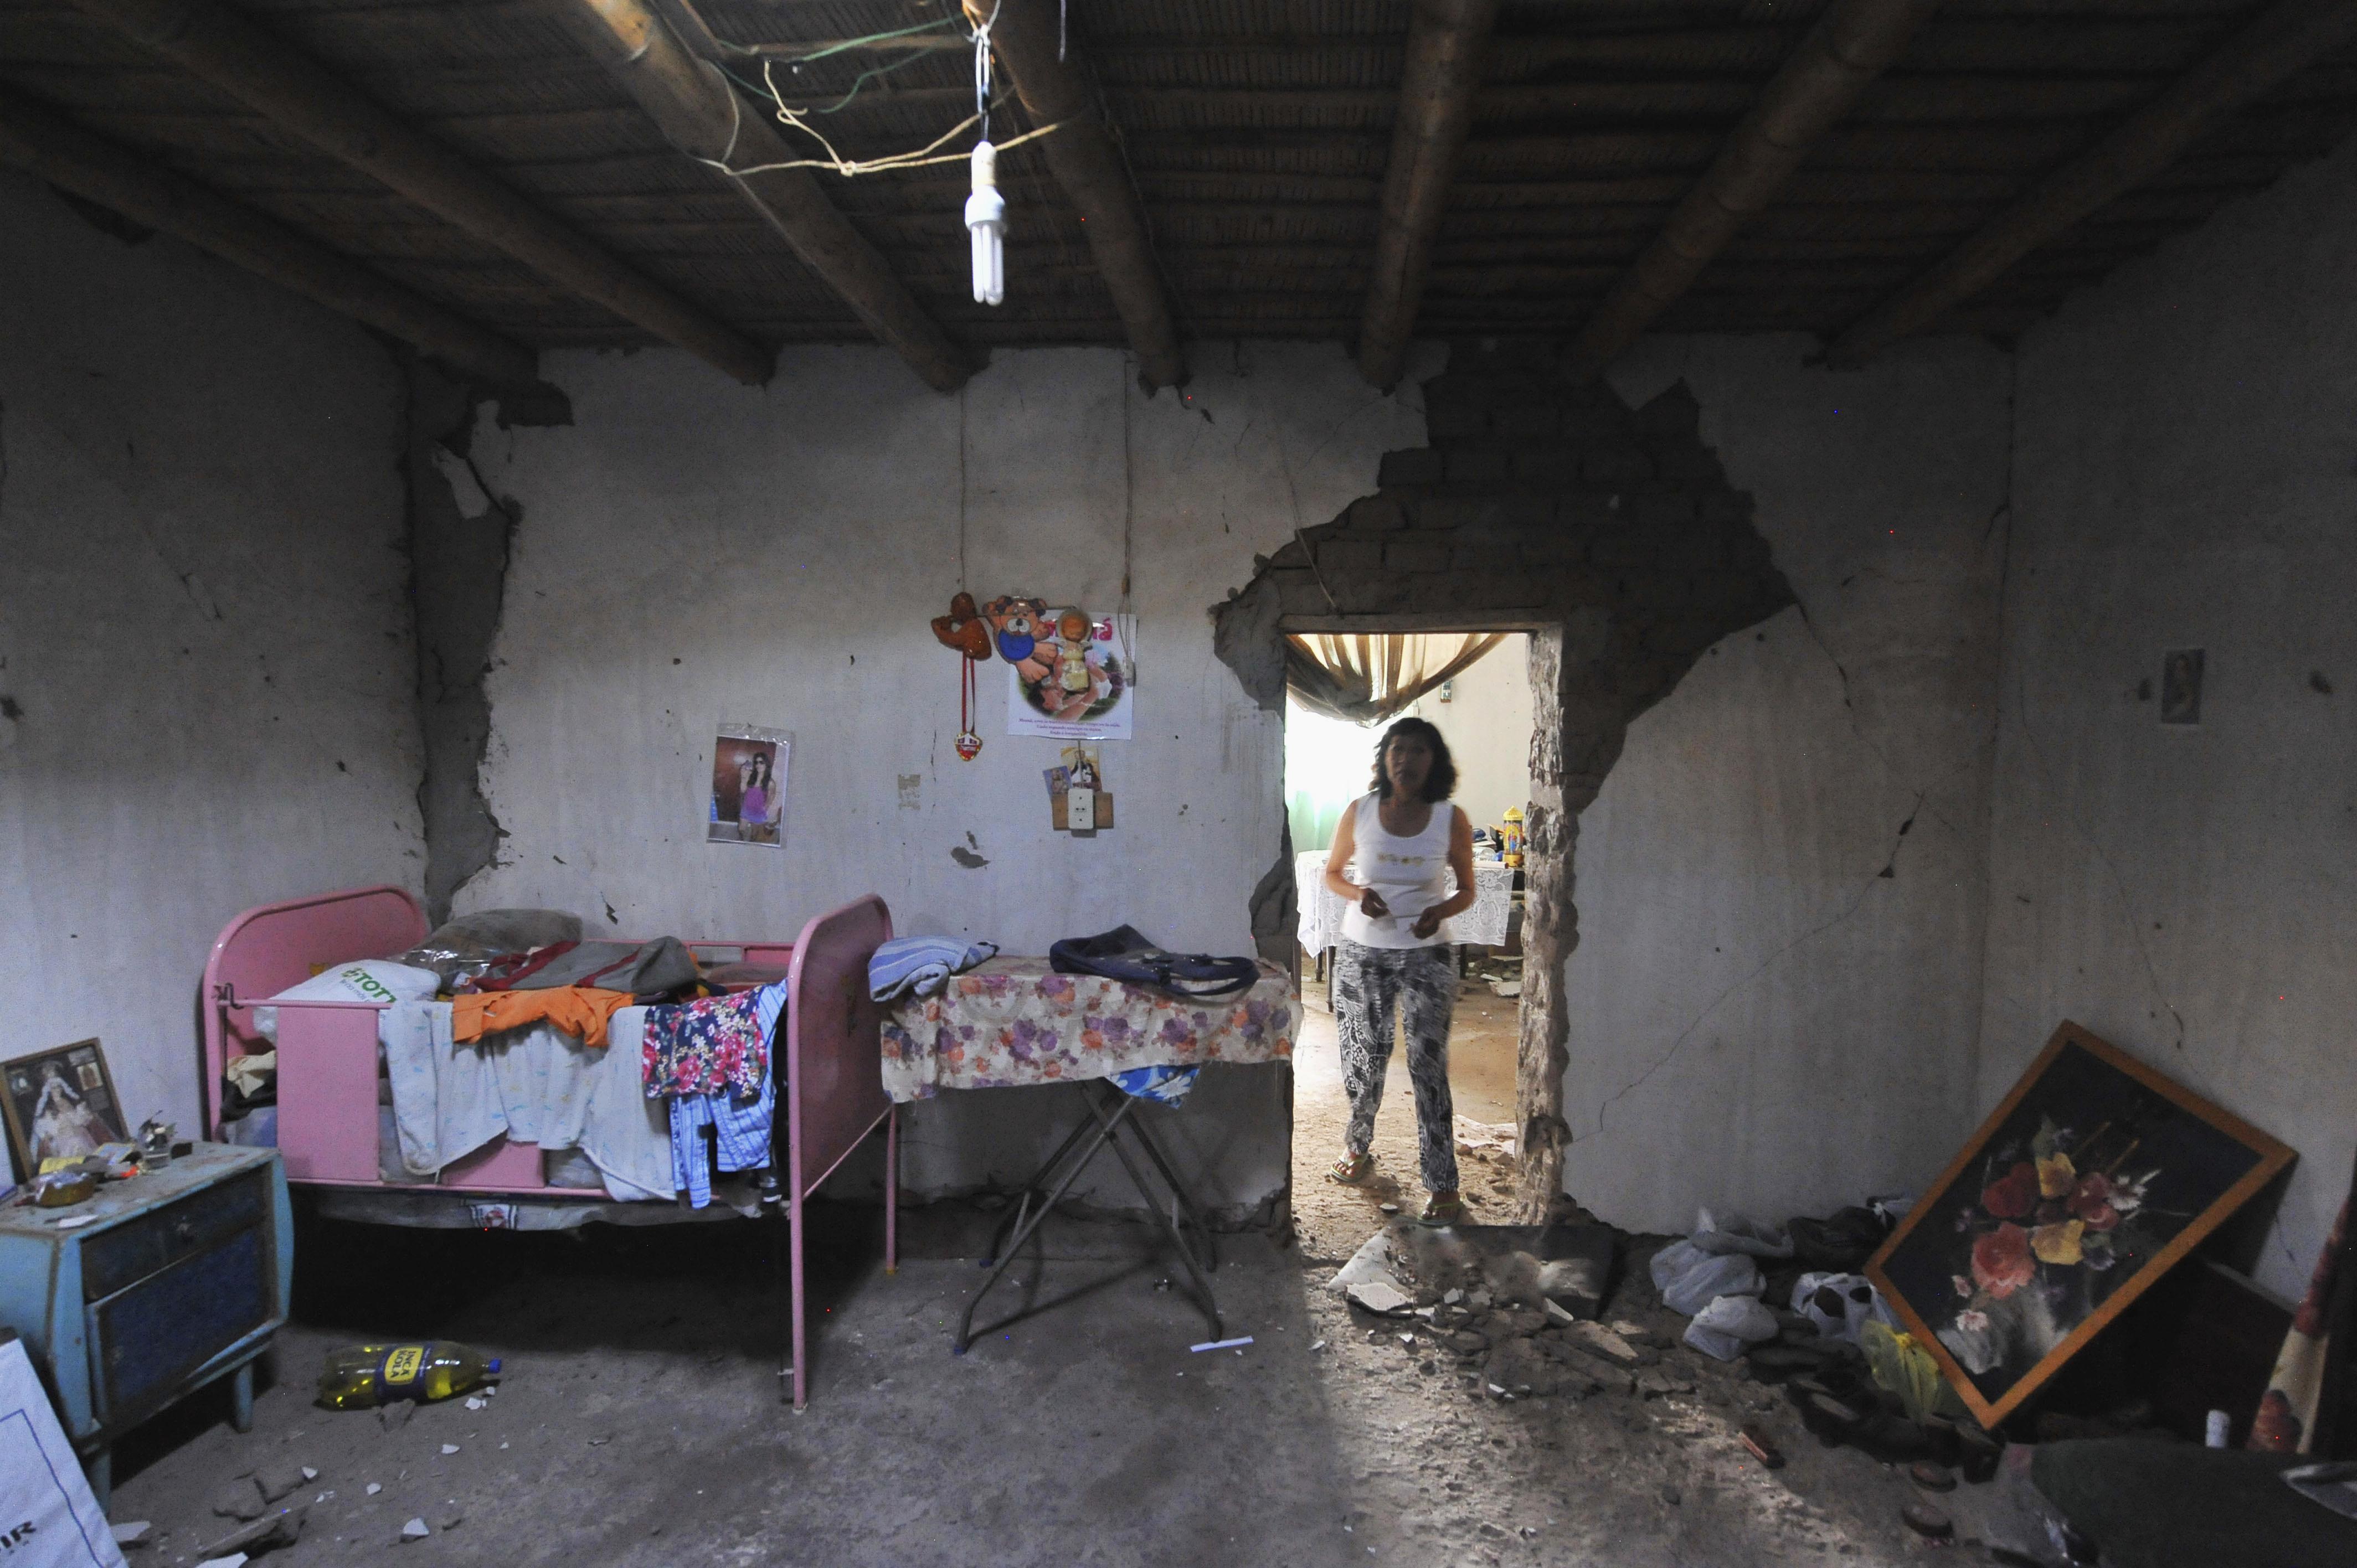 Μια γυναίκα παρατηρεί το κατεστραμμένο σπίτι της